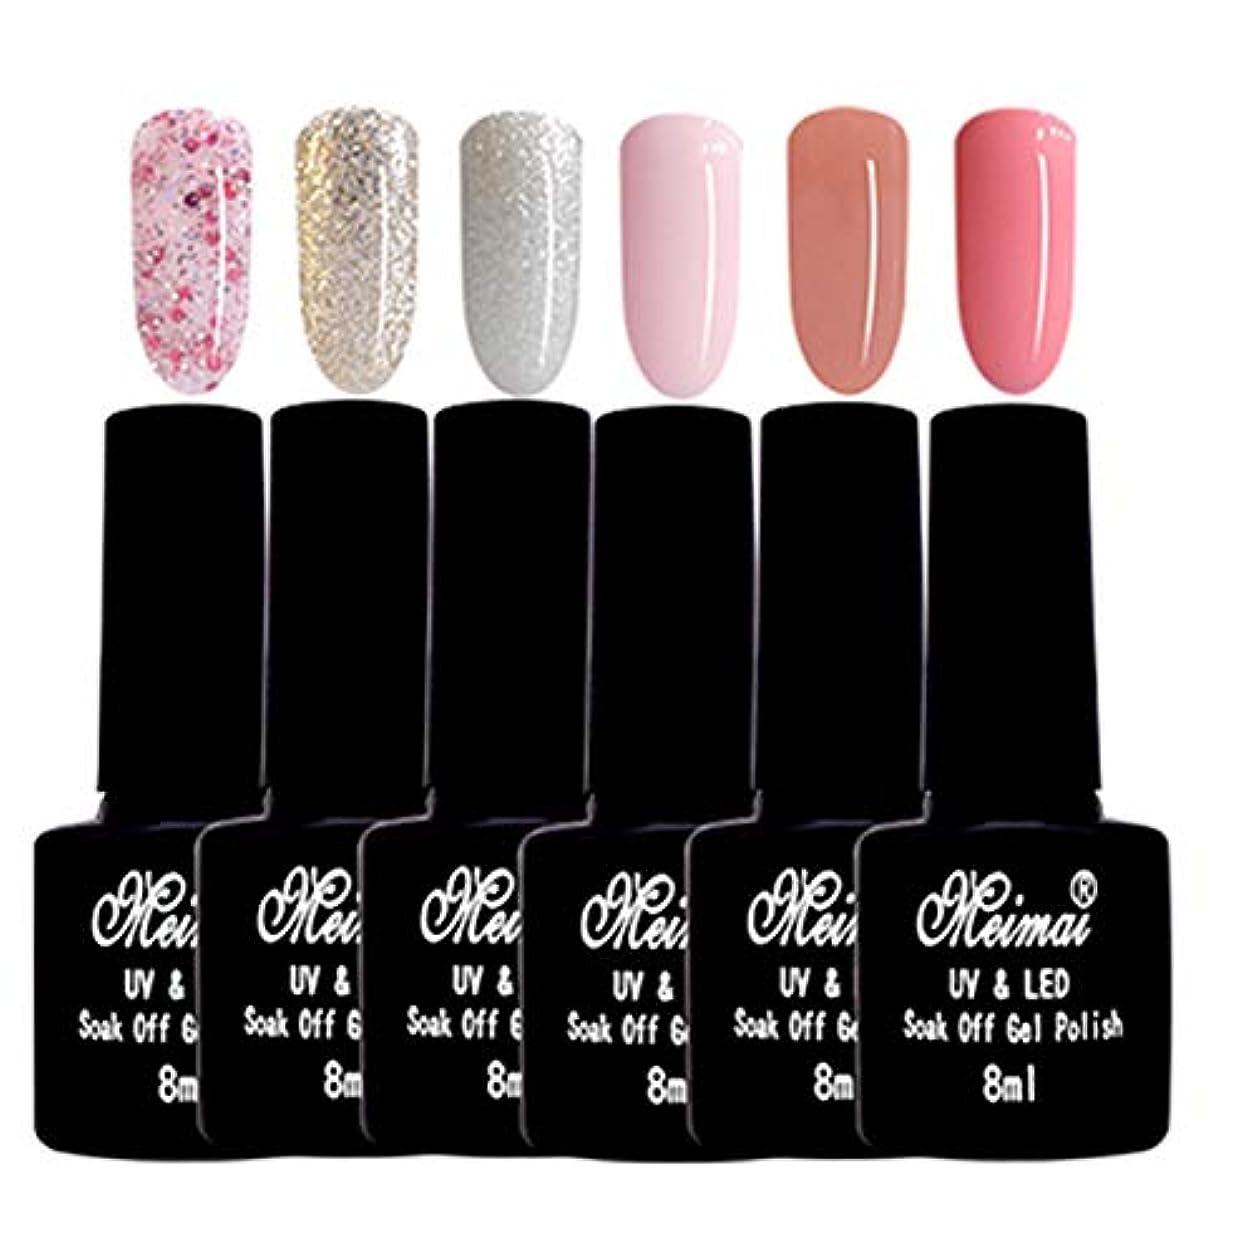 コンクリート粘液鰐ジェルネイル ピンク ホワイトラメ カラージェル 厳選6色 金、銀、ピンク シリーズ UV/LED ラメ 全ての女性に愛されるカラー (2)